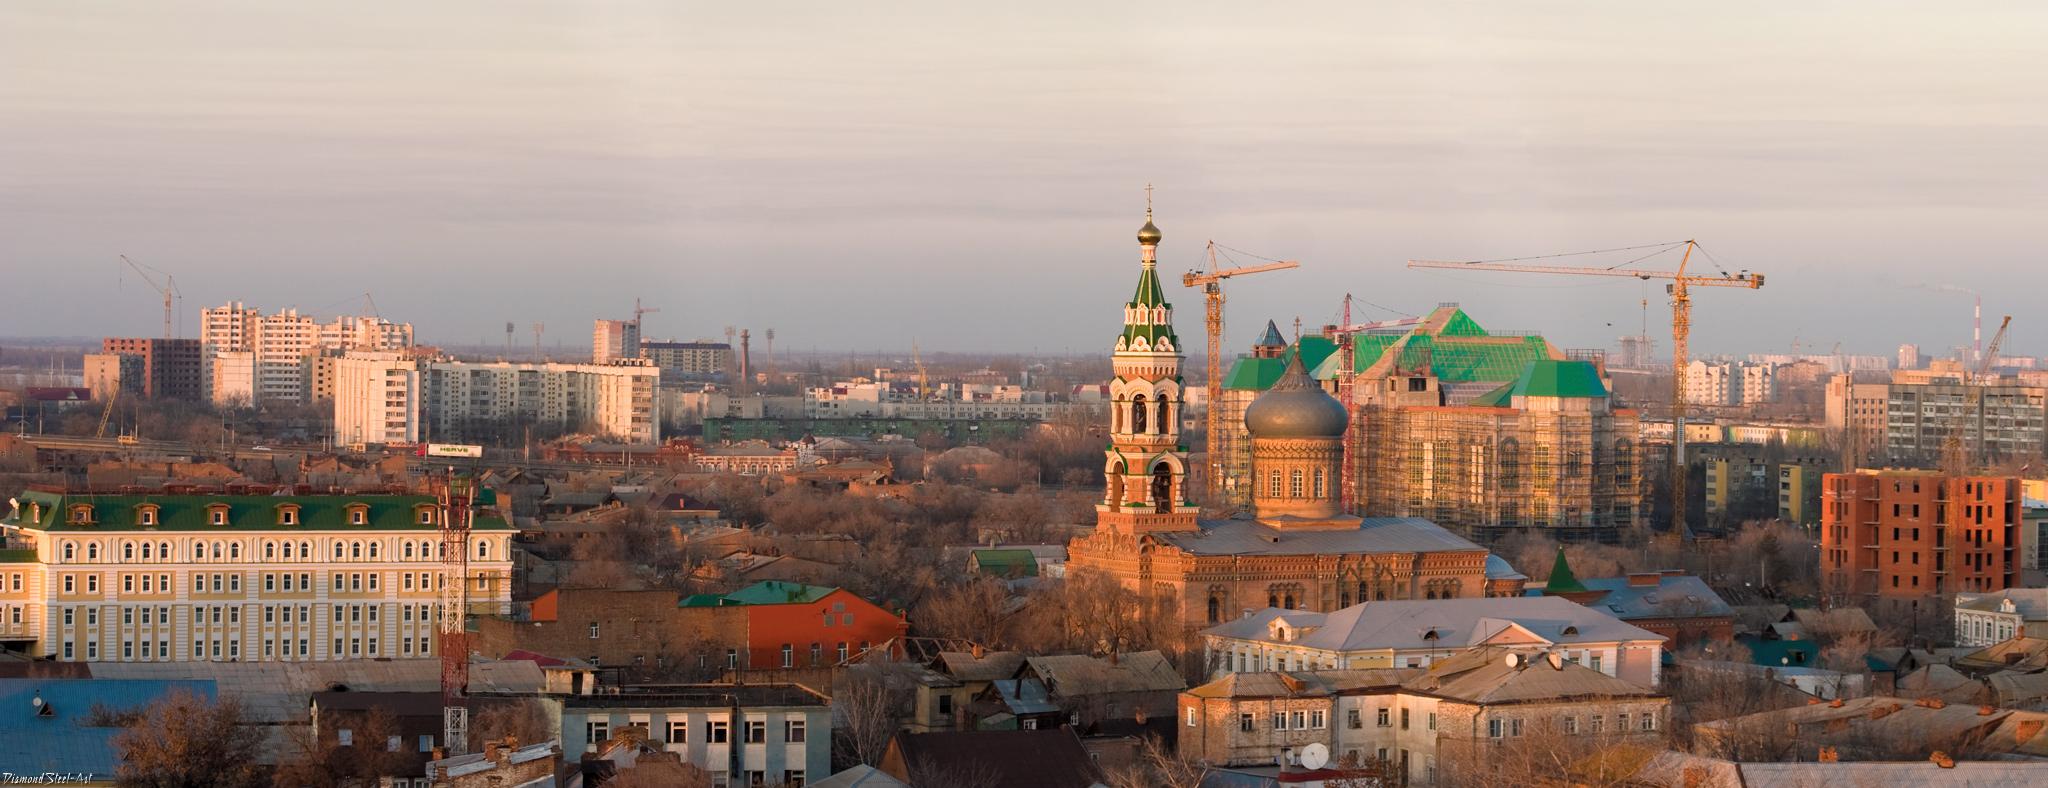 Астрахань. Церковь в честь Казанской иконы Божией Матери